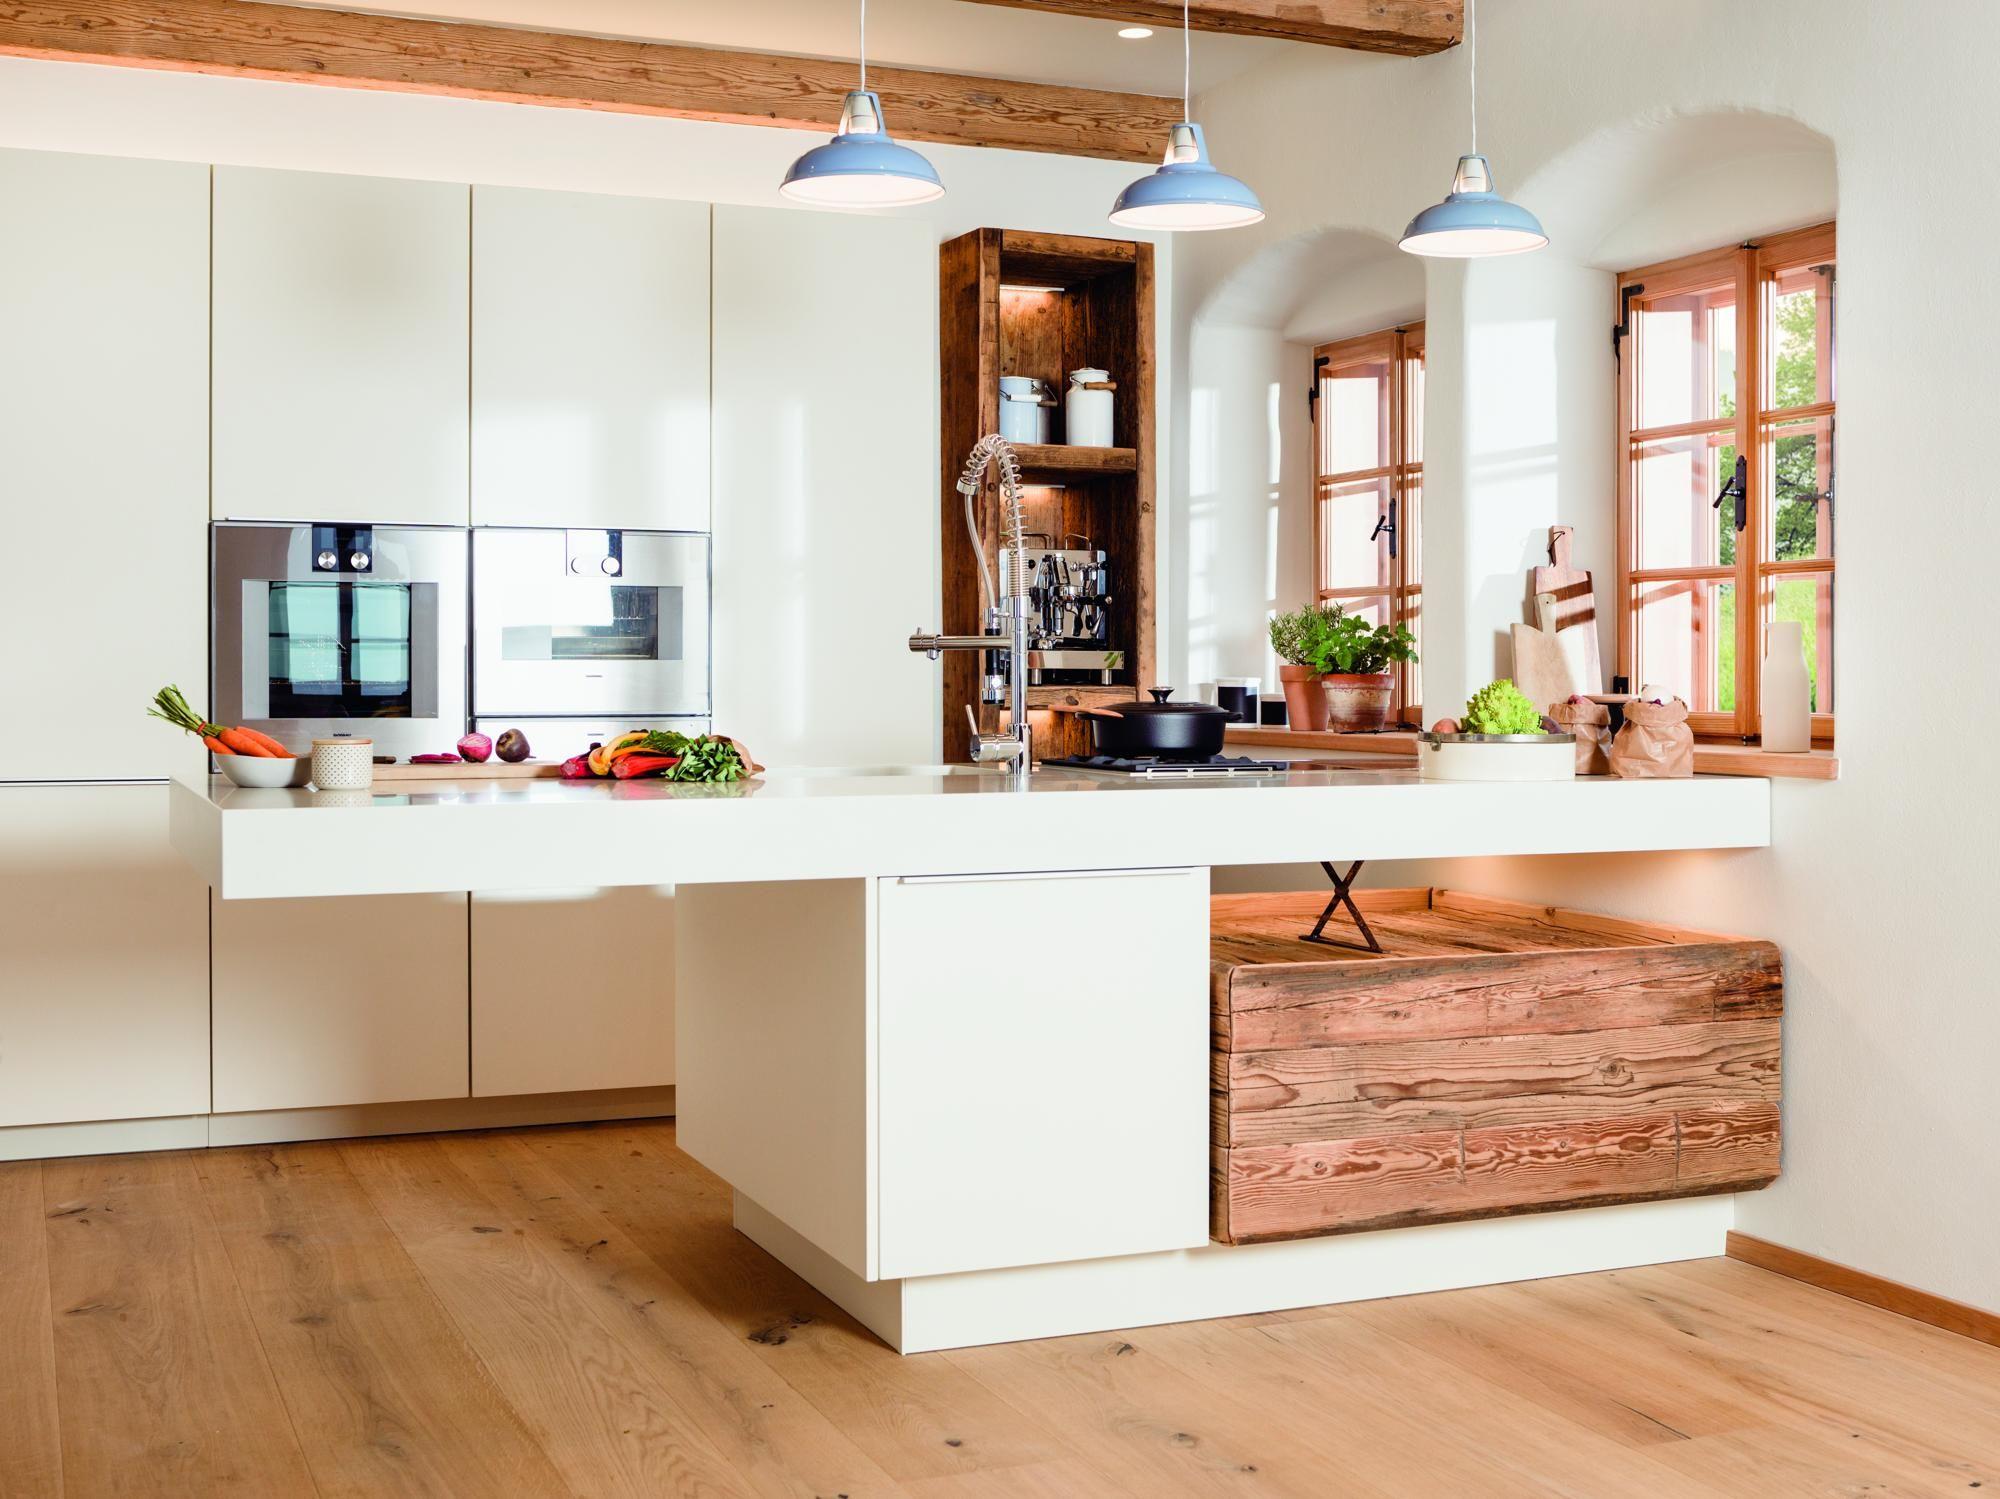 Einzigartig Kochinsel Mit Sitzgelegenheit Design